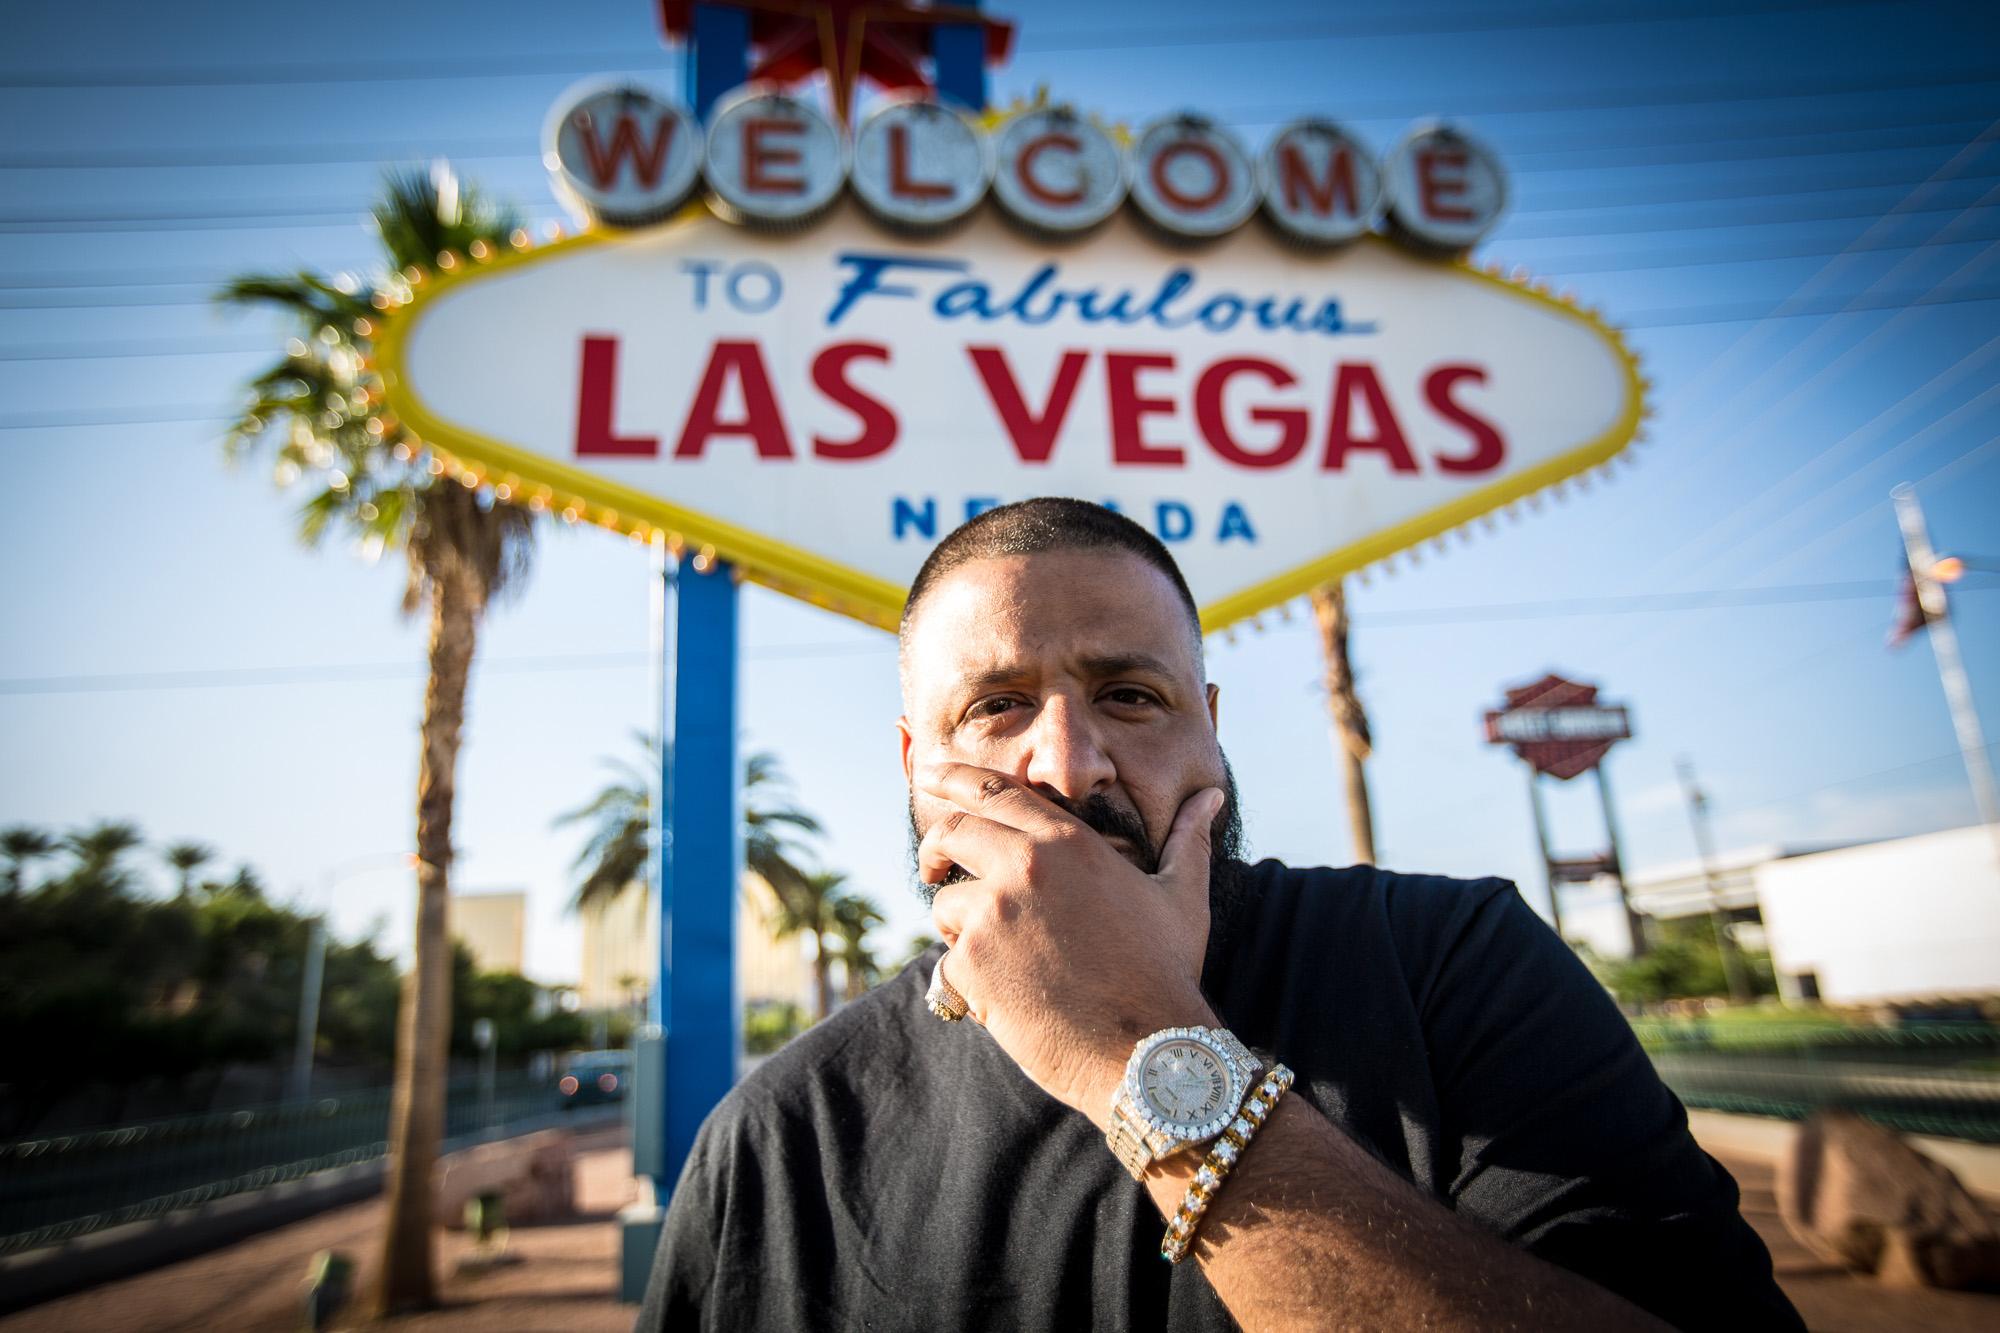 dj-khaled-launches-official-las-vegas-snapchat-16-HR